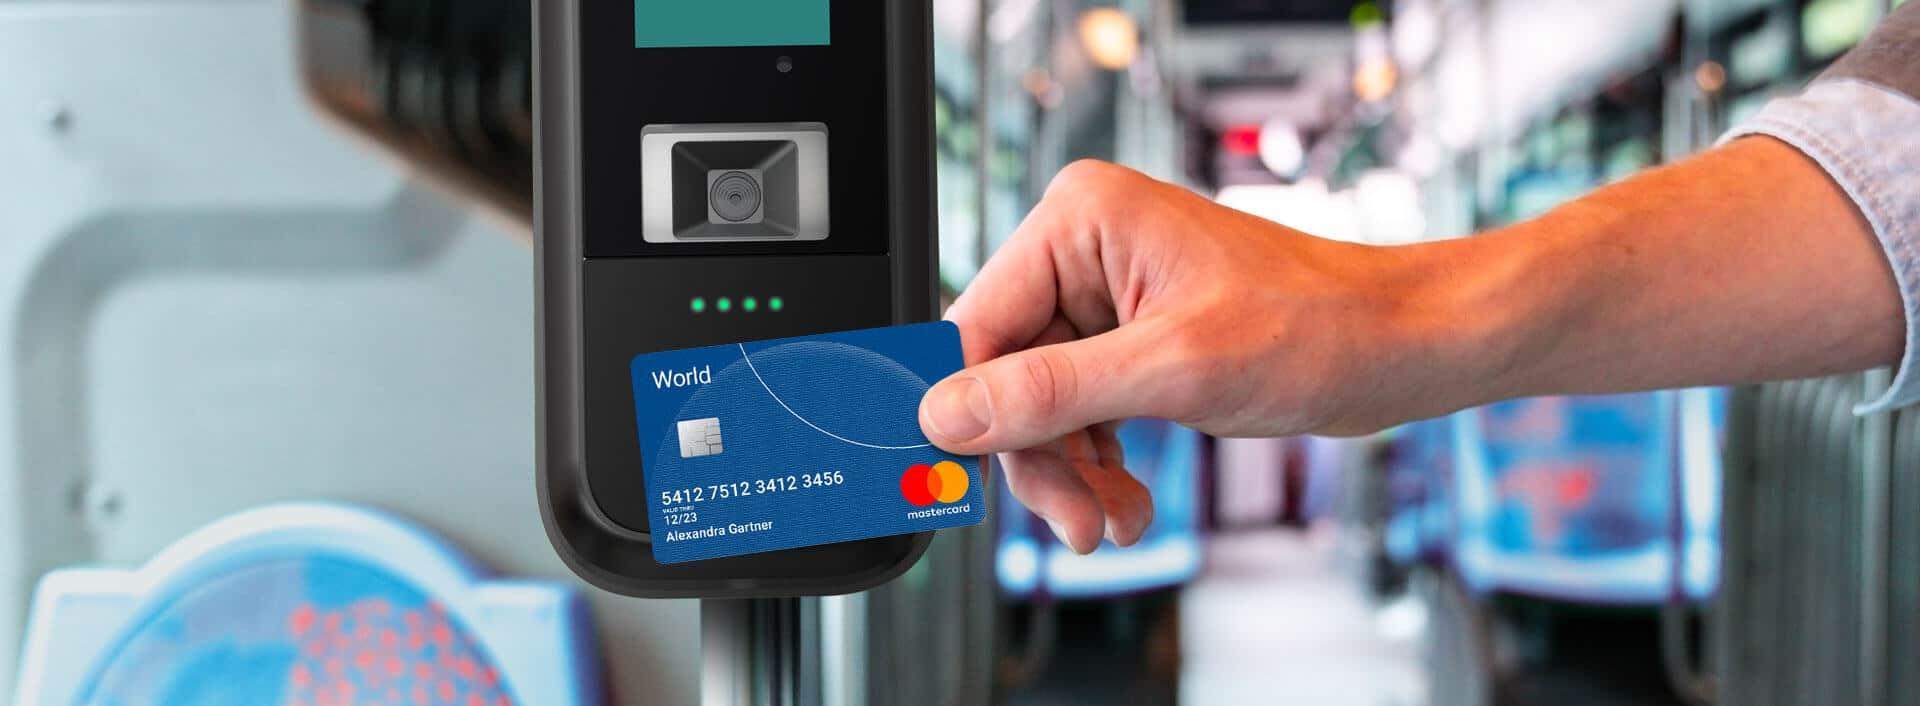 header-fx925-pay-pass